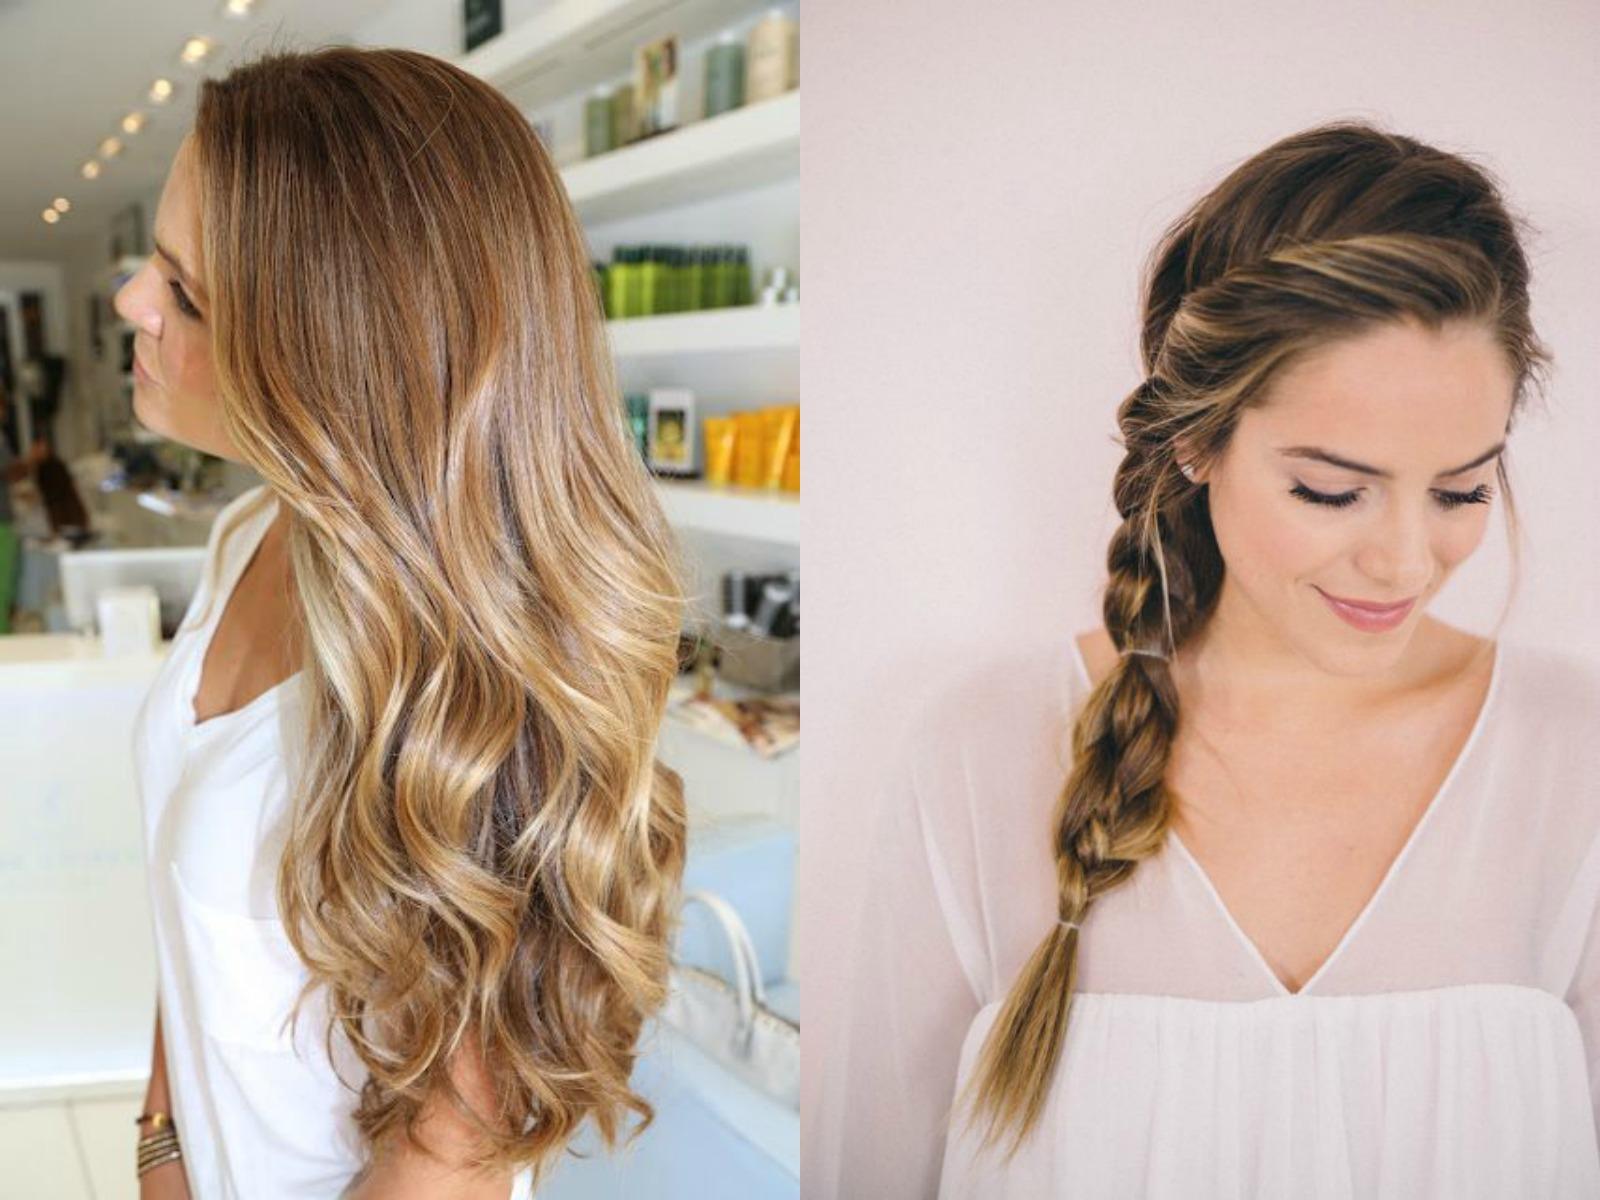 Come fare i capelli mossi senza ferro o piastra | Beauty